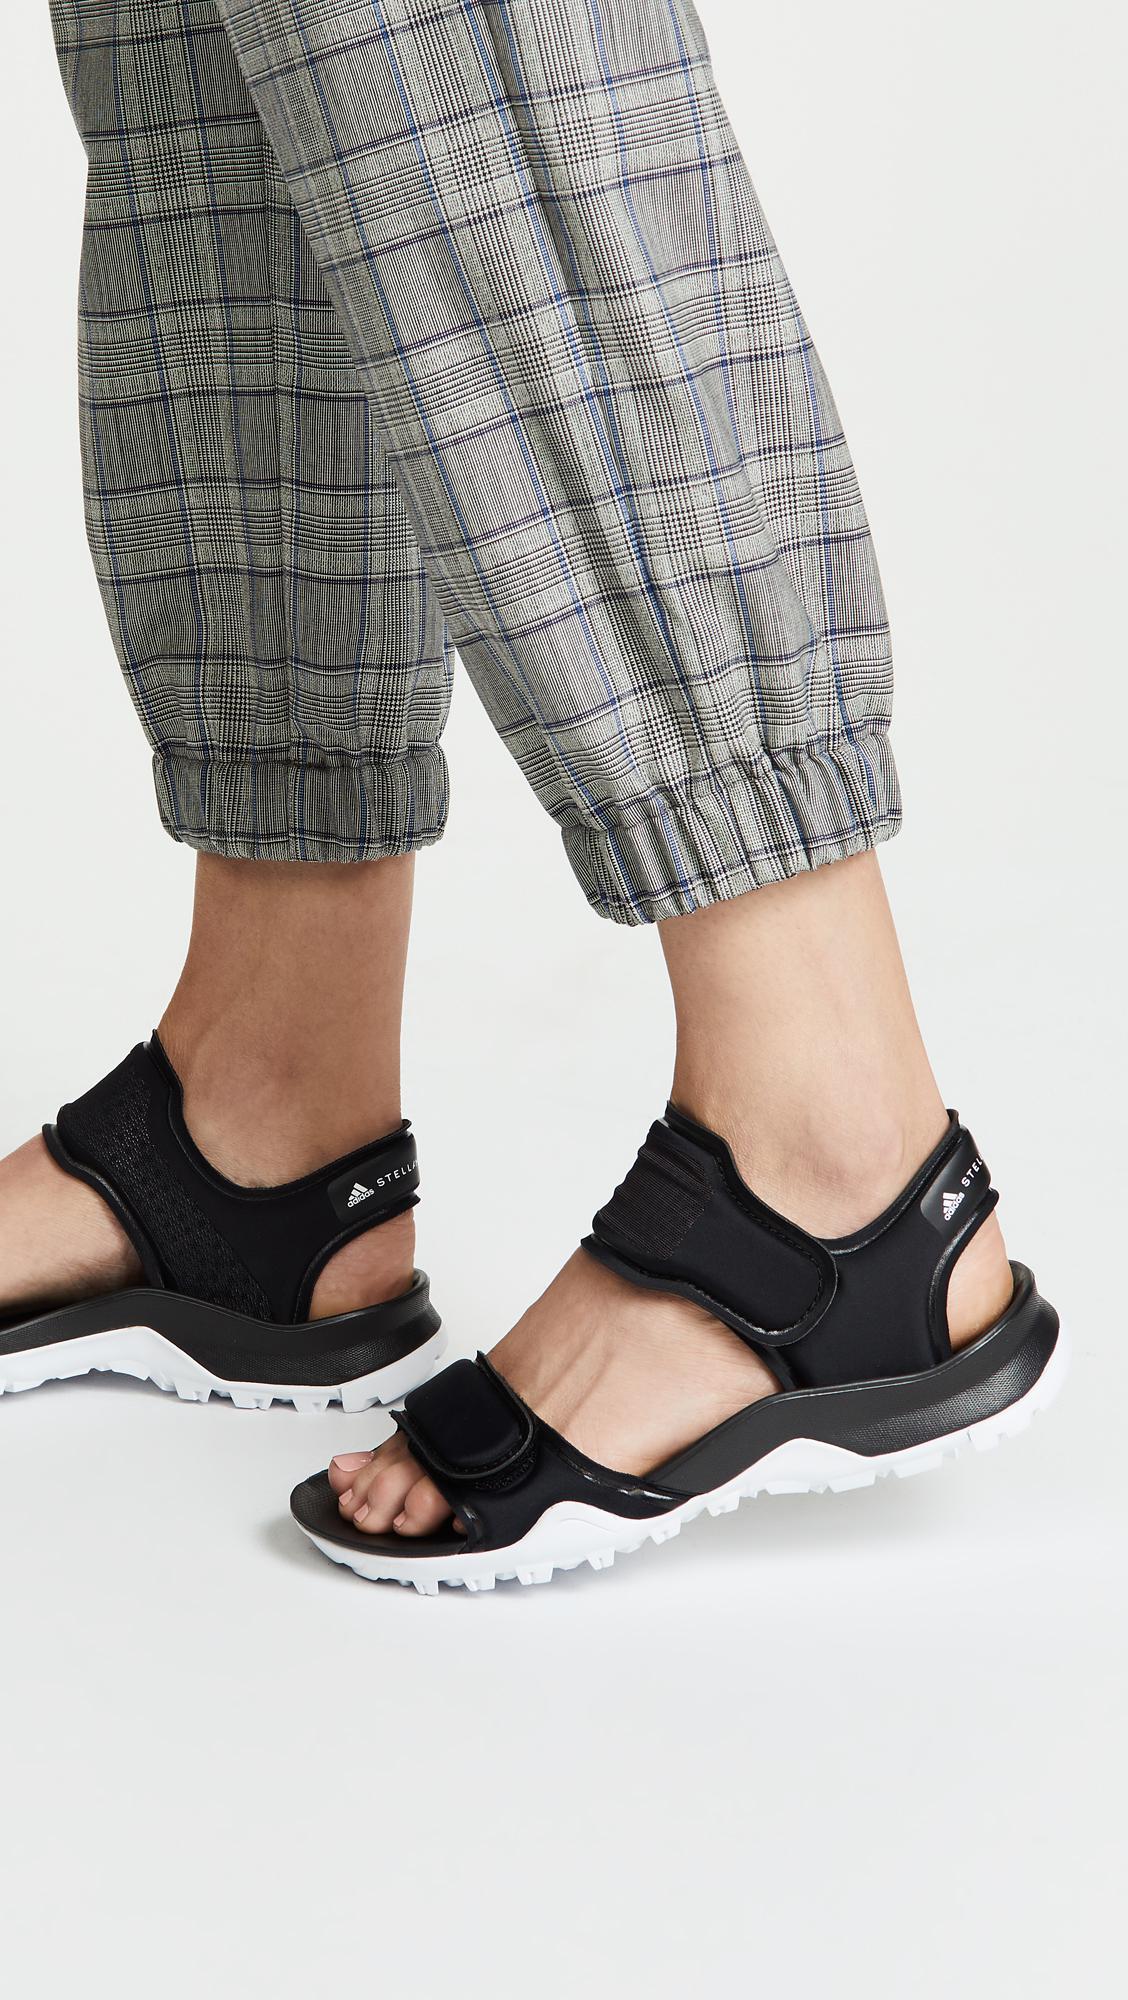 dcb1fb684 adidas by Stella McCartney Hikara Sandals